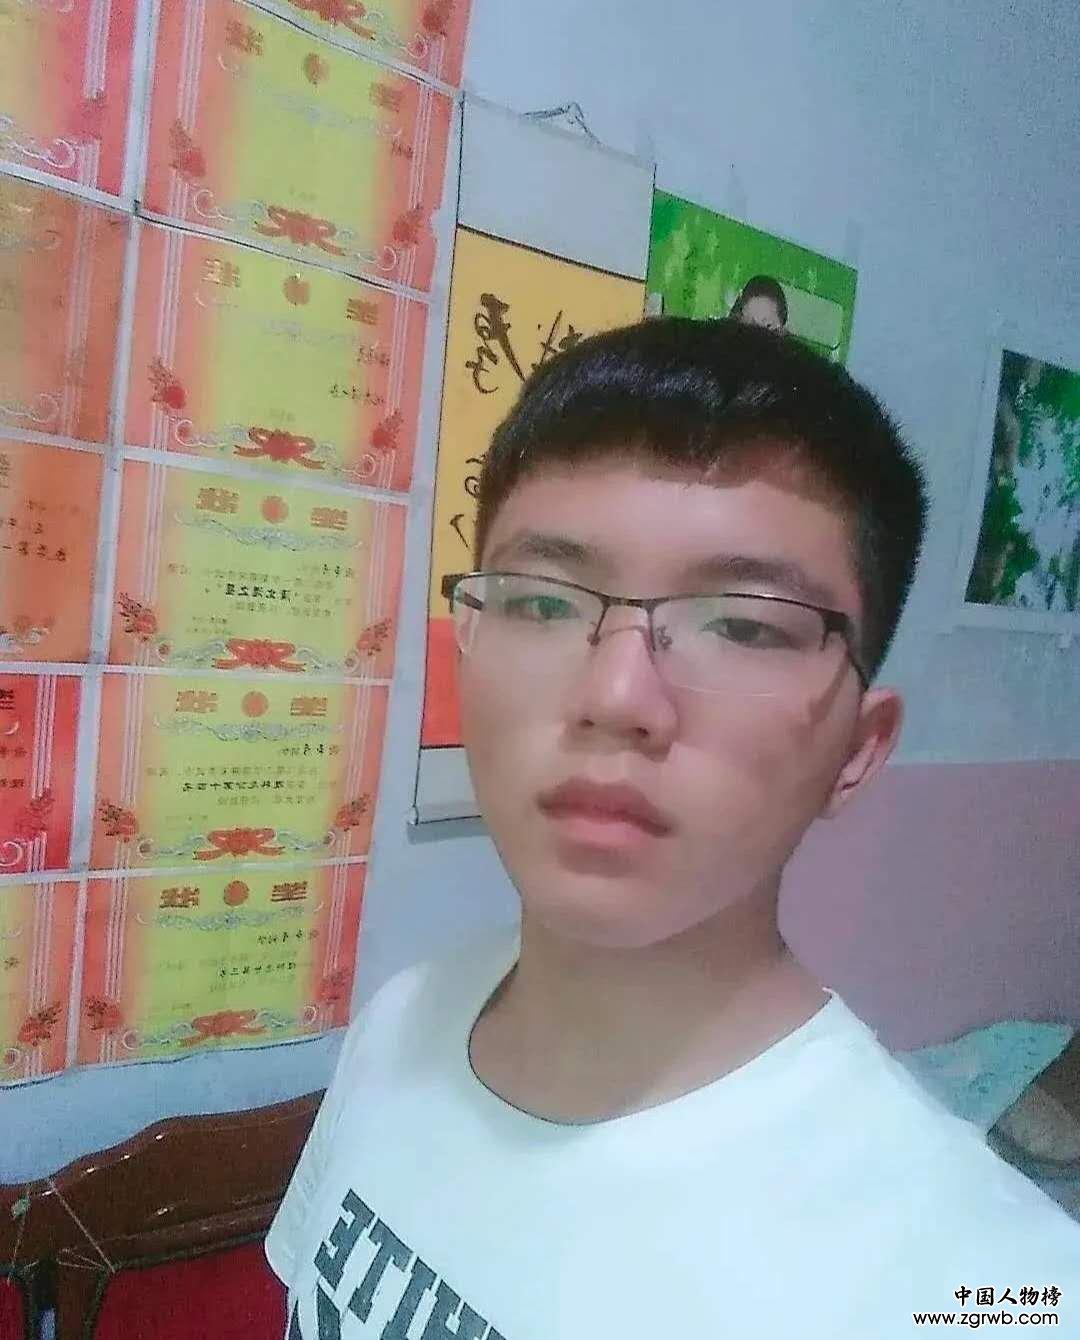 魏县一中目前已有5名学生被清华、北大录取!